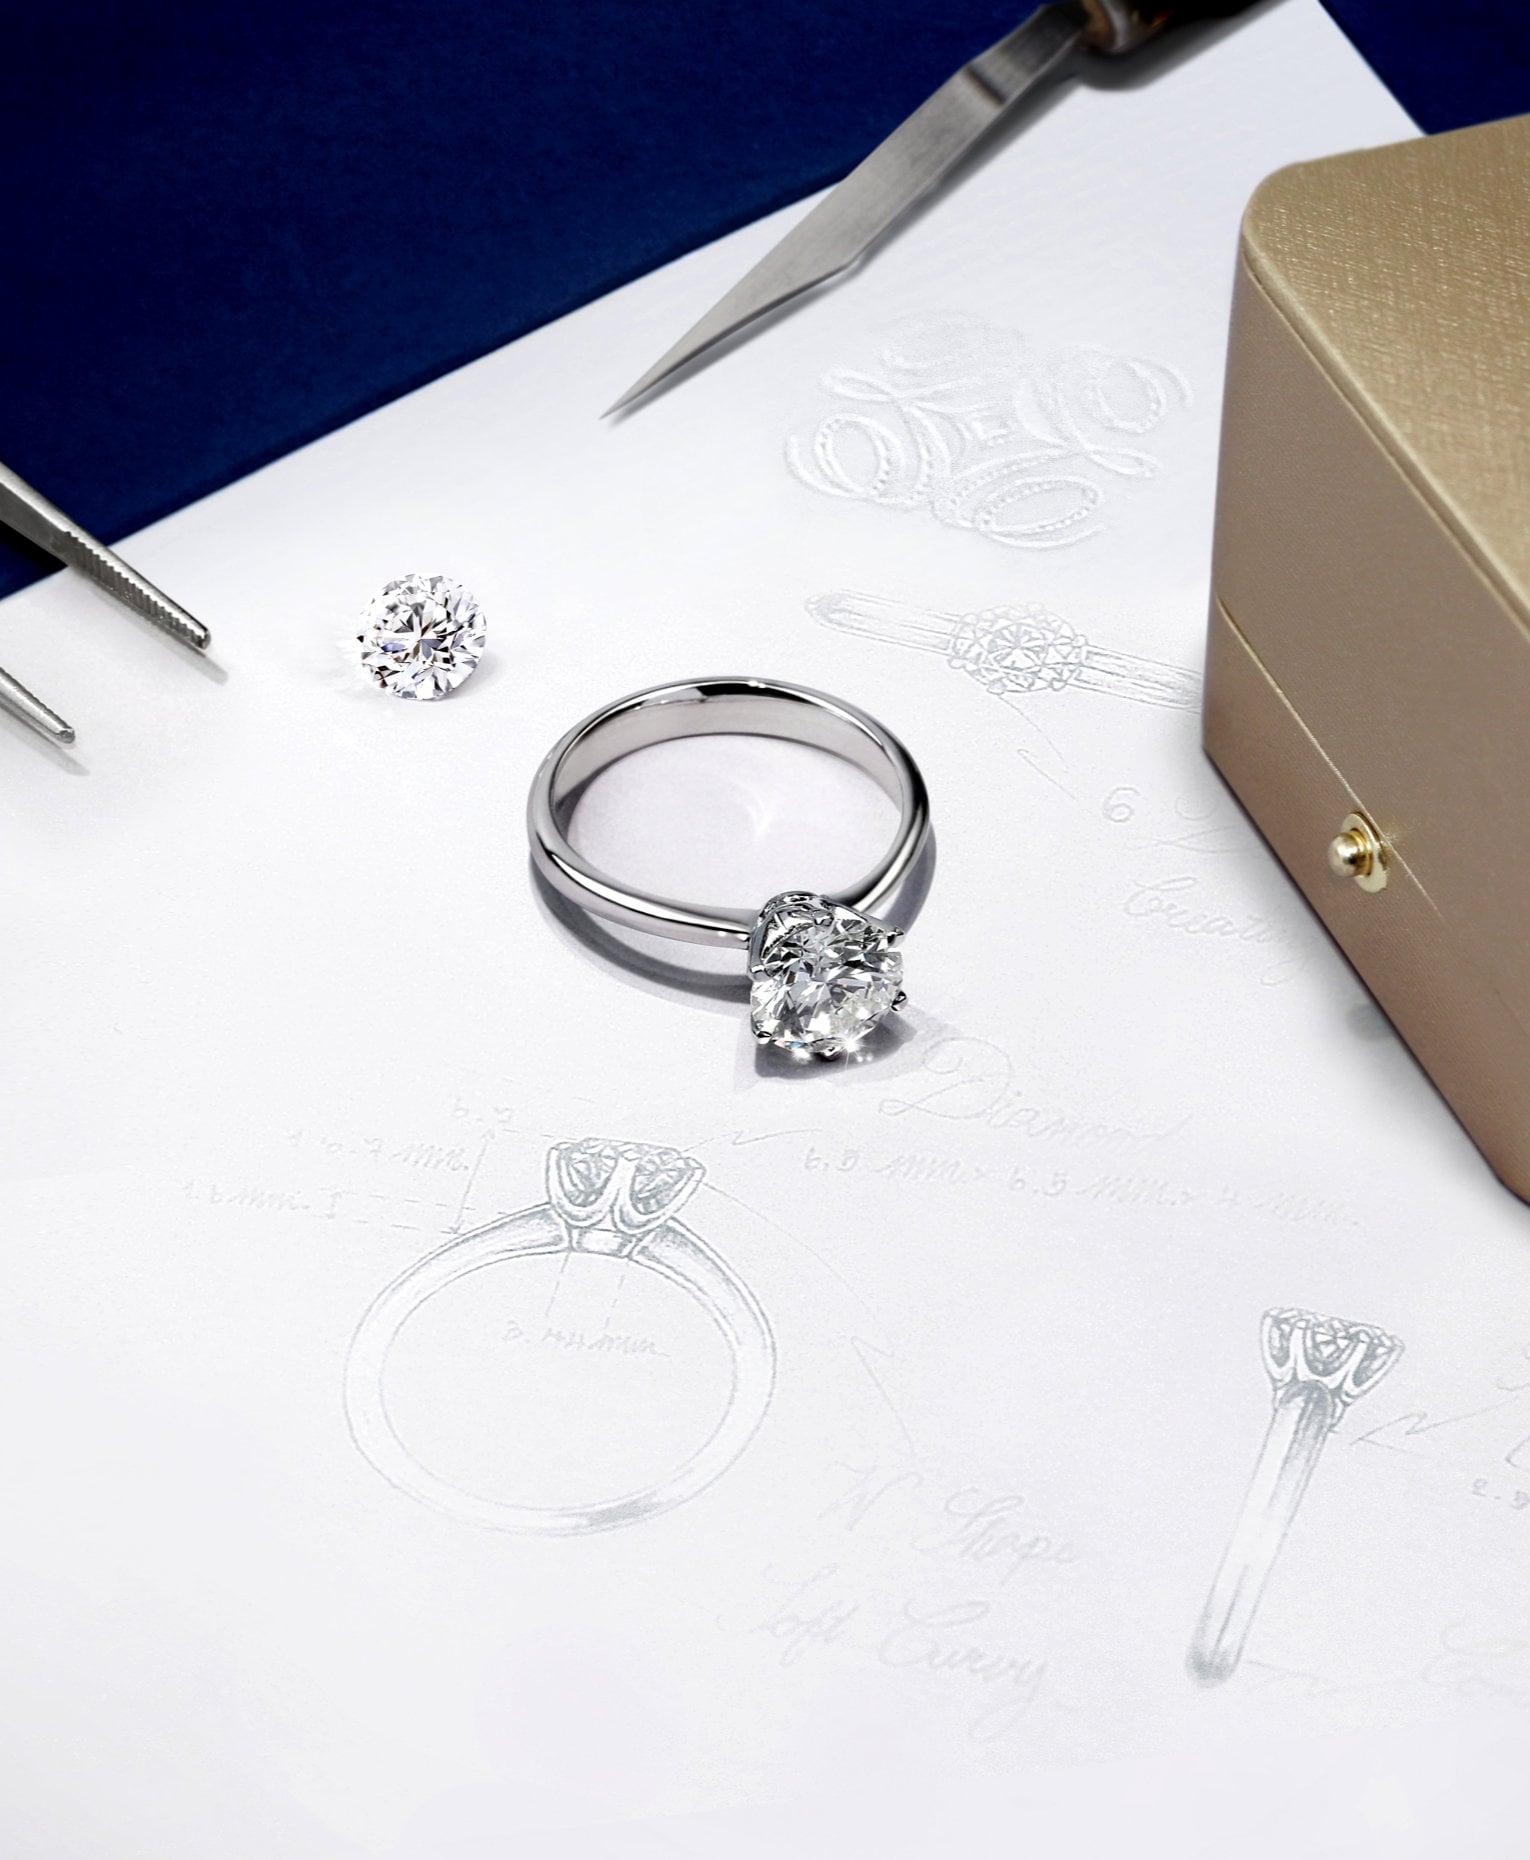 แหวนหมั้น, เพชร, แหวนเพชร, แหวนหมั้นเพชร, DER MOND, ร้านเพชรสยามพารากอน